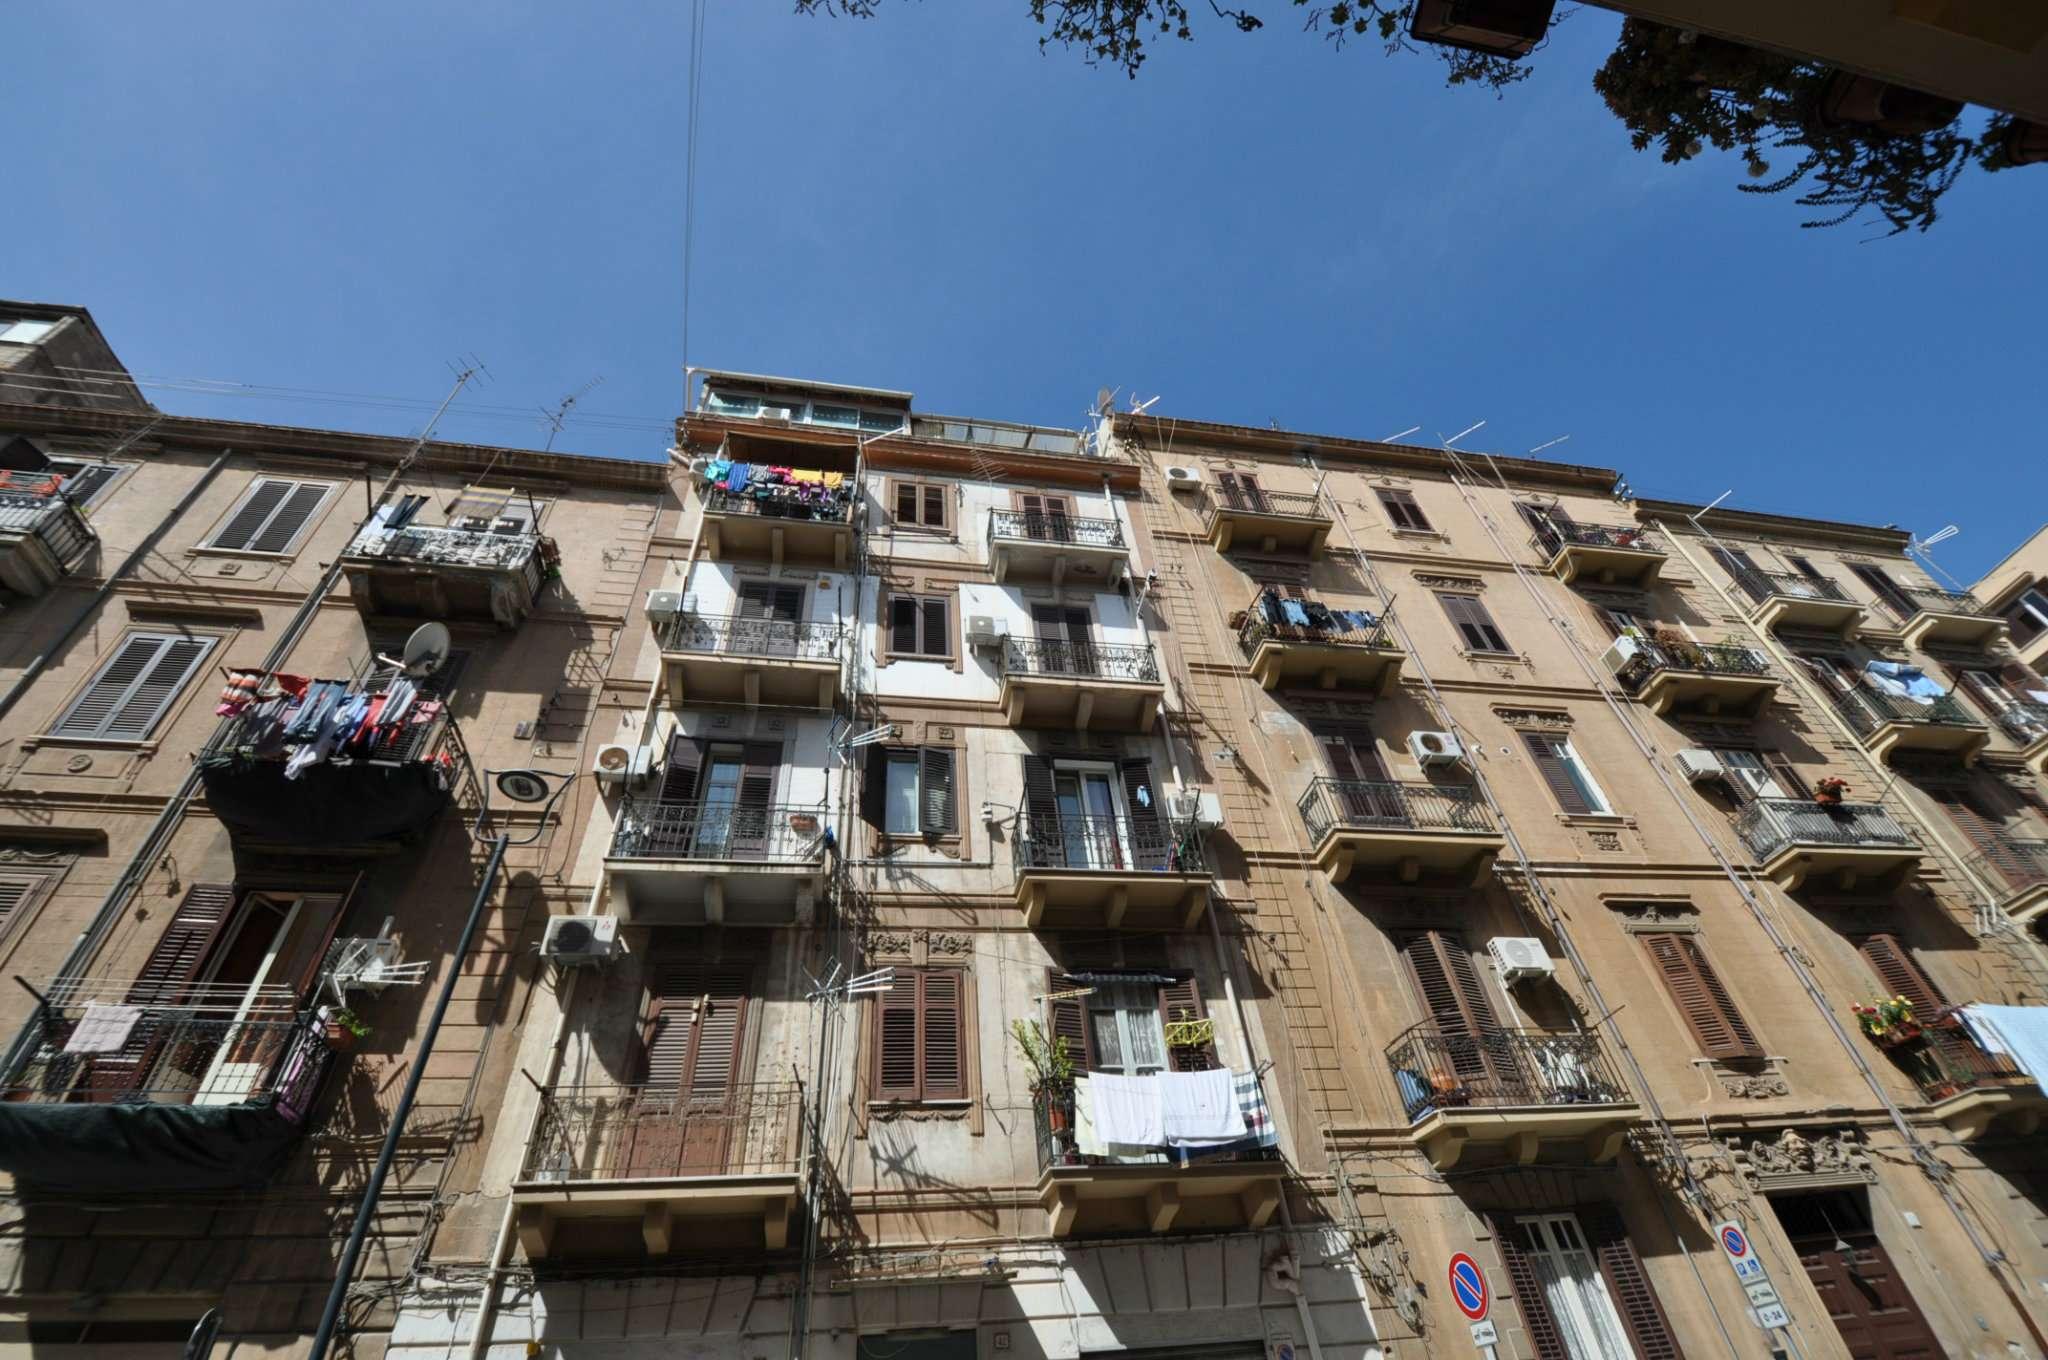 Appartamento in affitto a palermo via filippo basile for Affitto arredato palermo